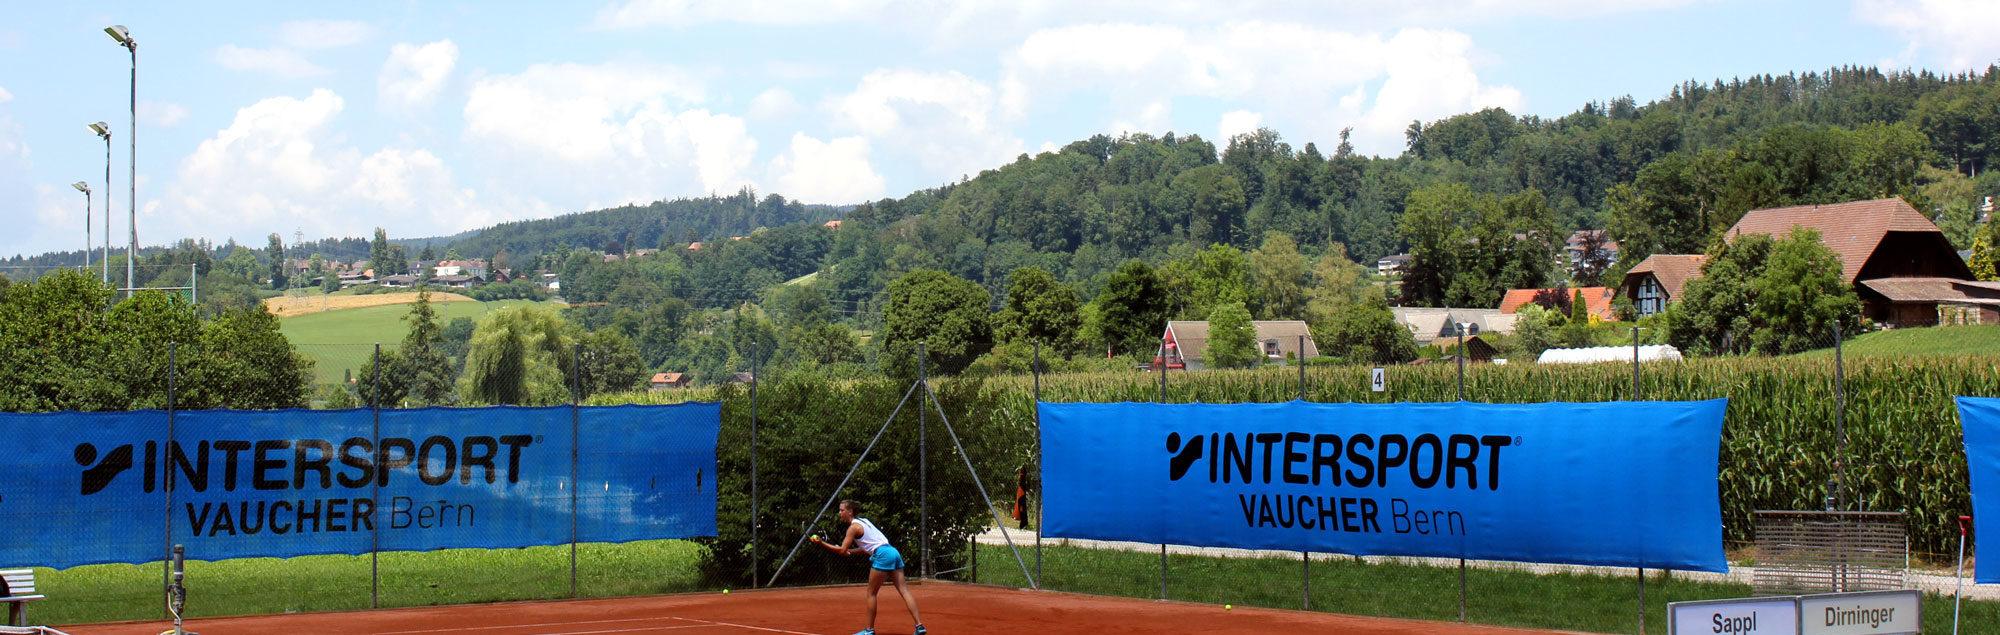 Wohlensee-Cup, Tennis Turnier Bern